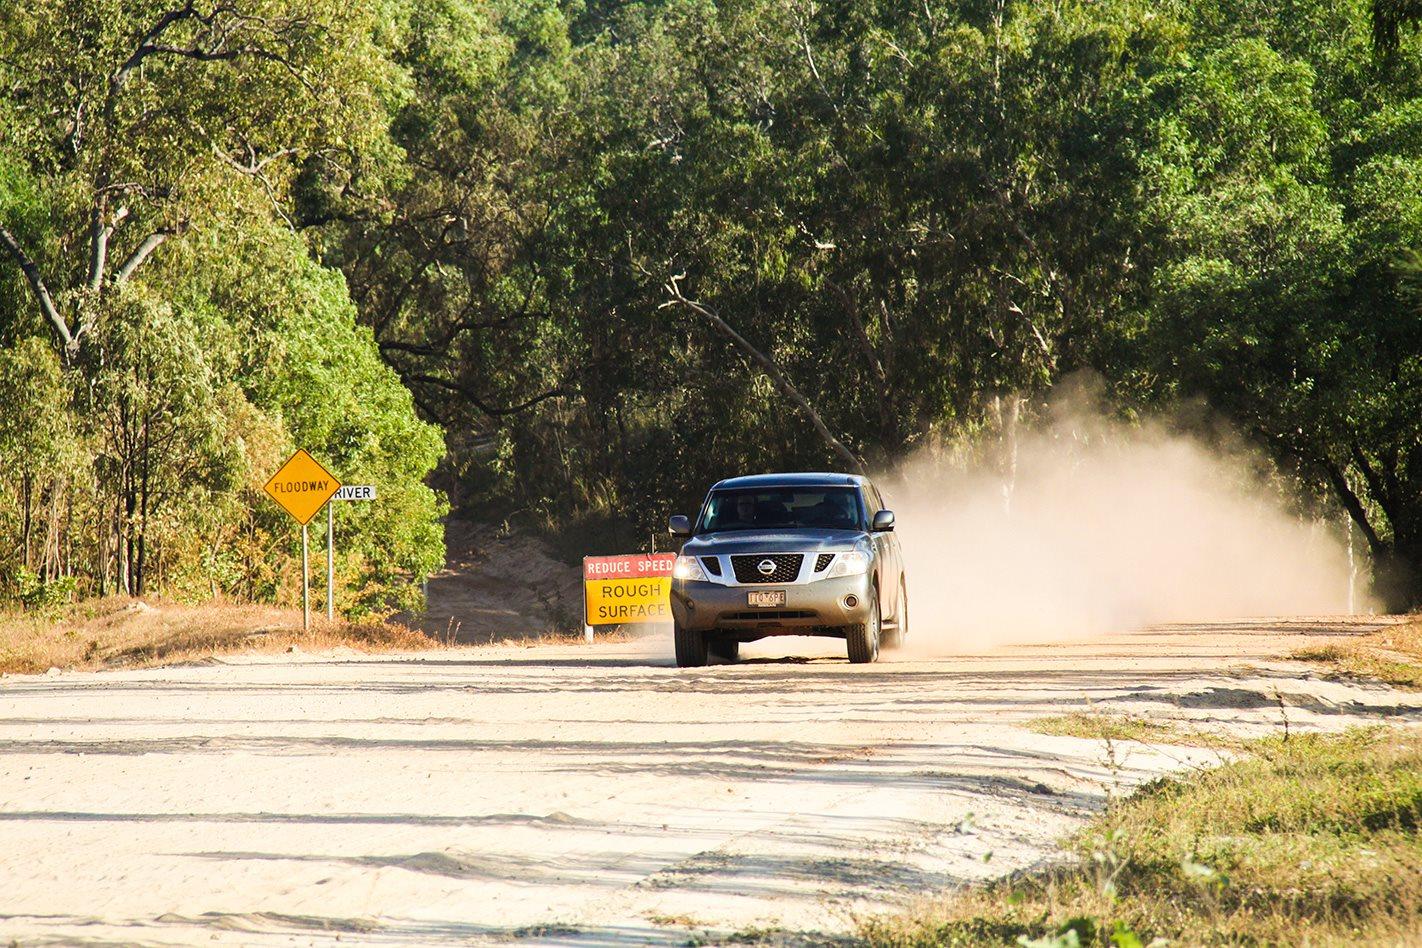 2017 Nissan Patrol Y62 dirt road.jpg